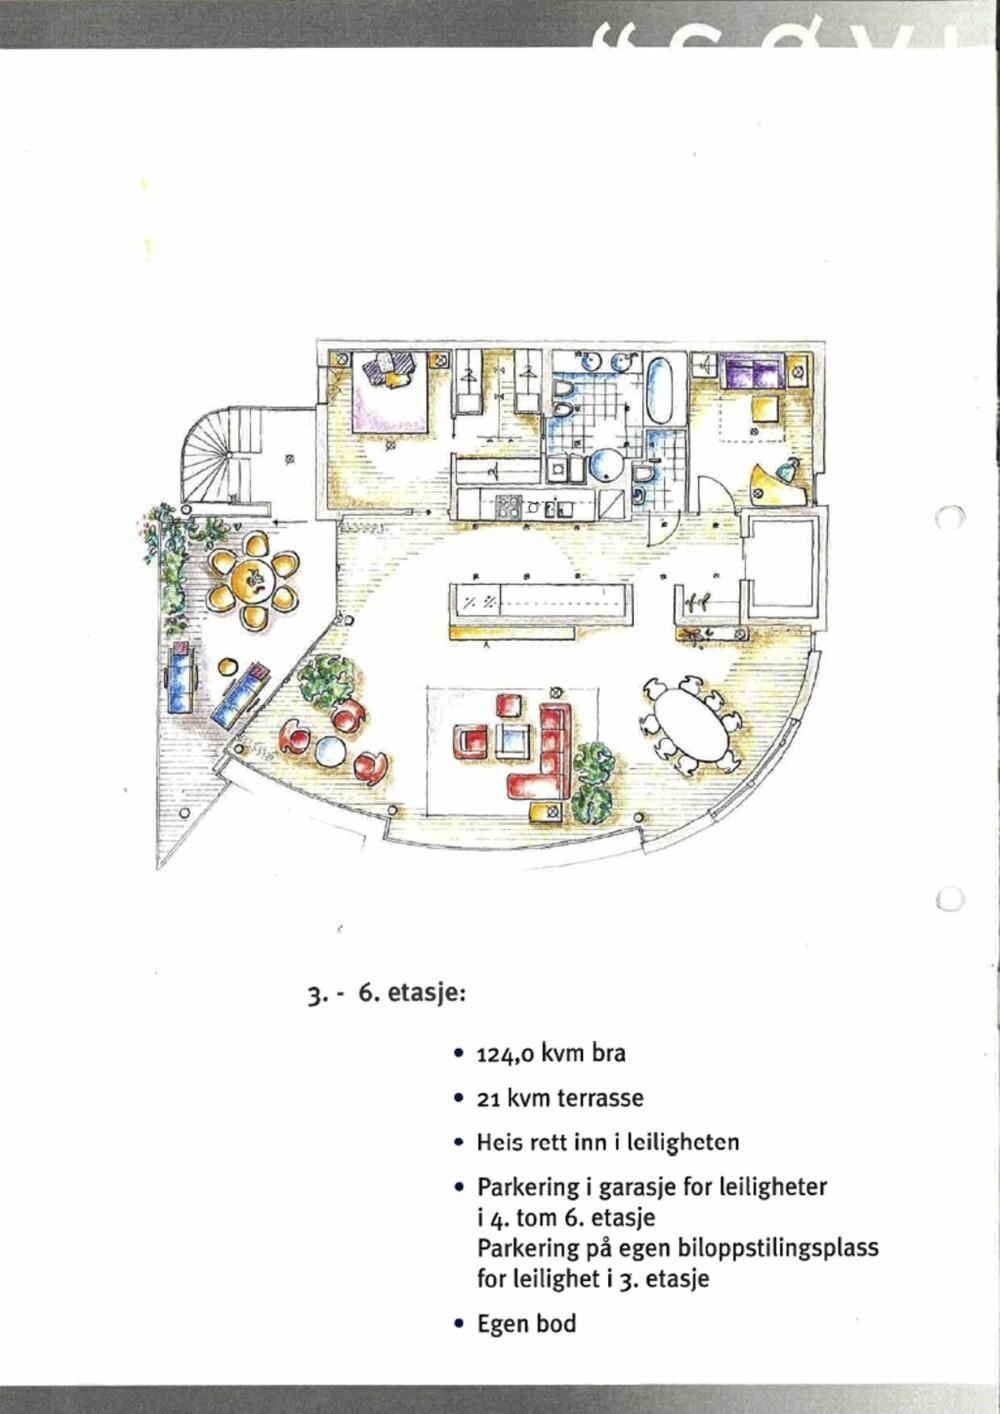 BÅDE ÅPEN OG LUKKET: Her ser du hvordan den åpne kjøkkensonen ligger plassert midt i leiligheten.